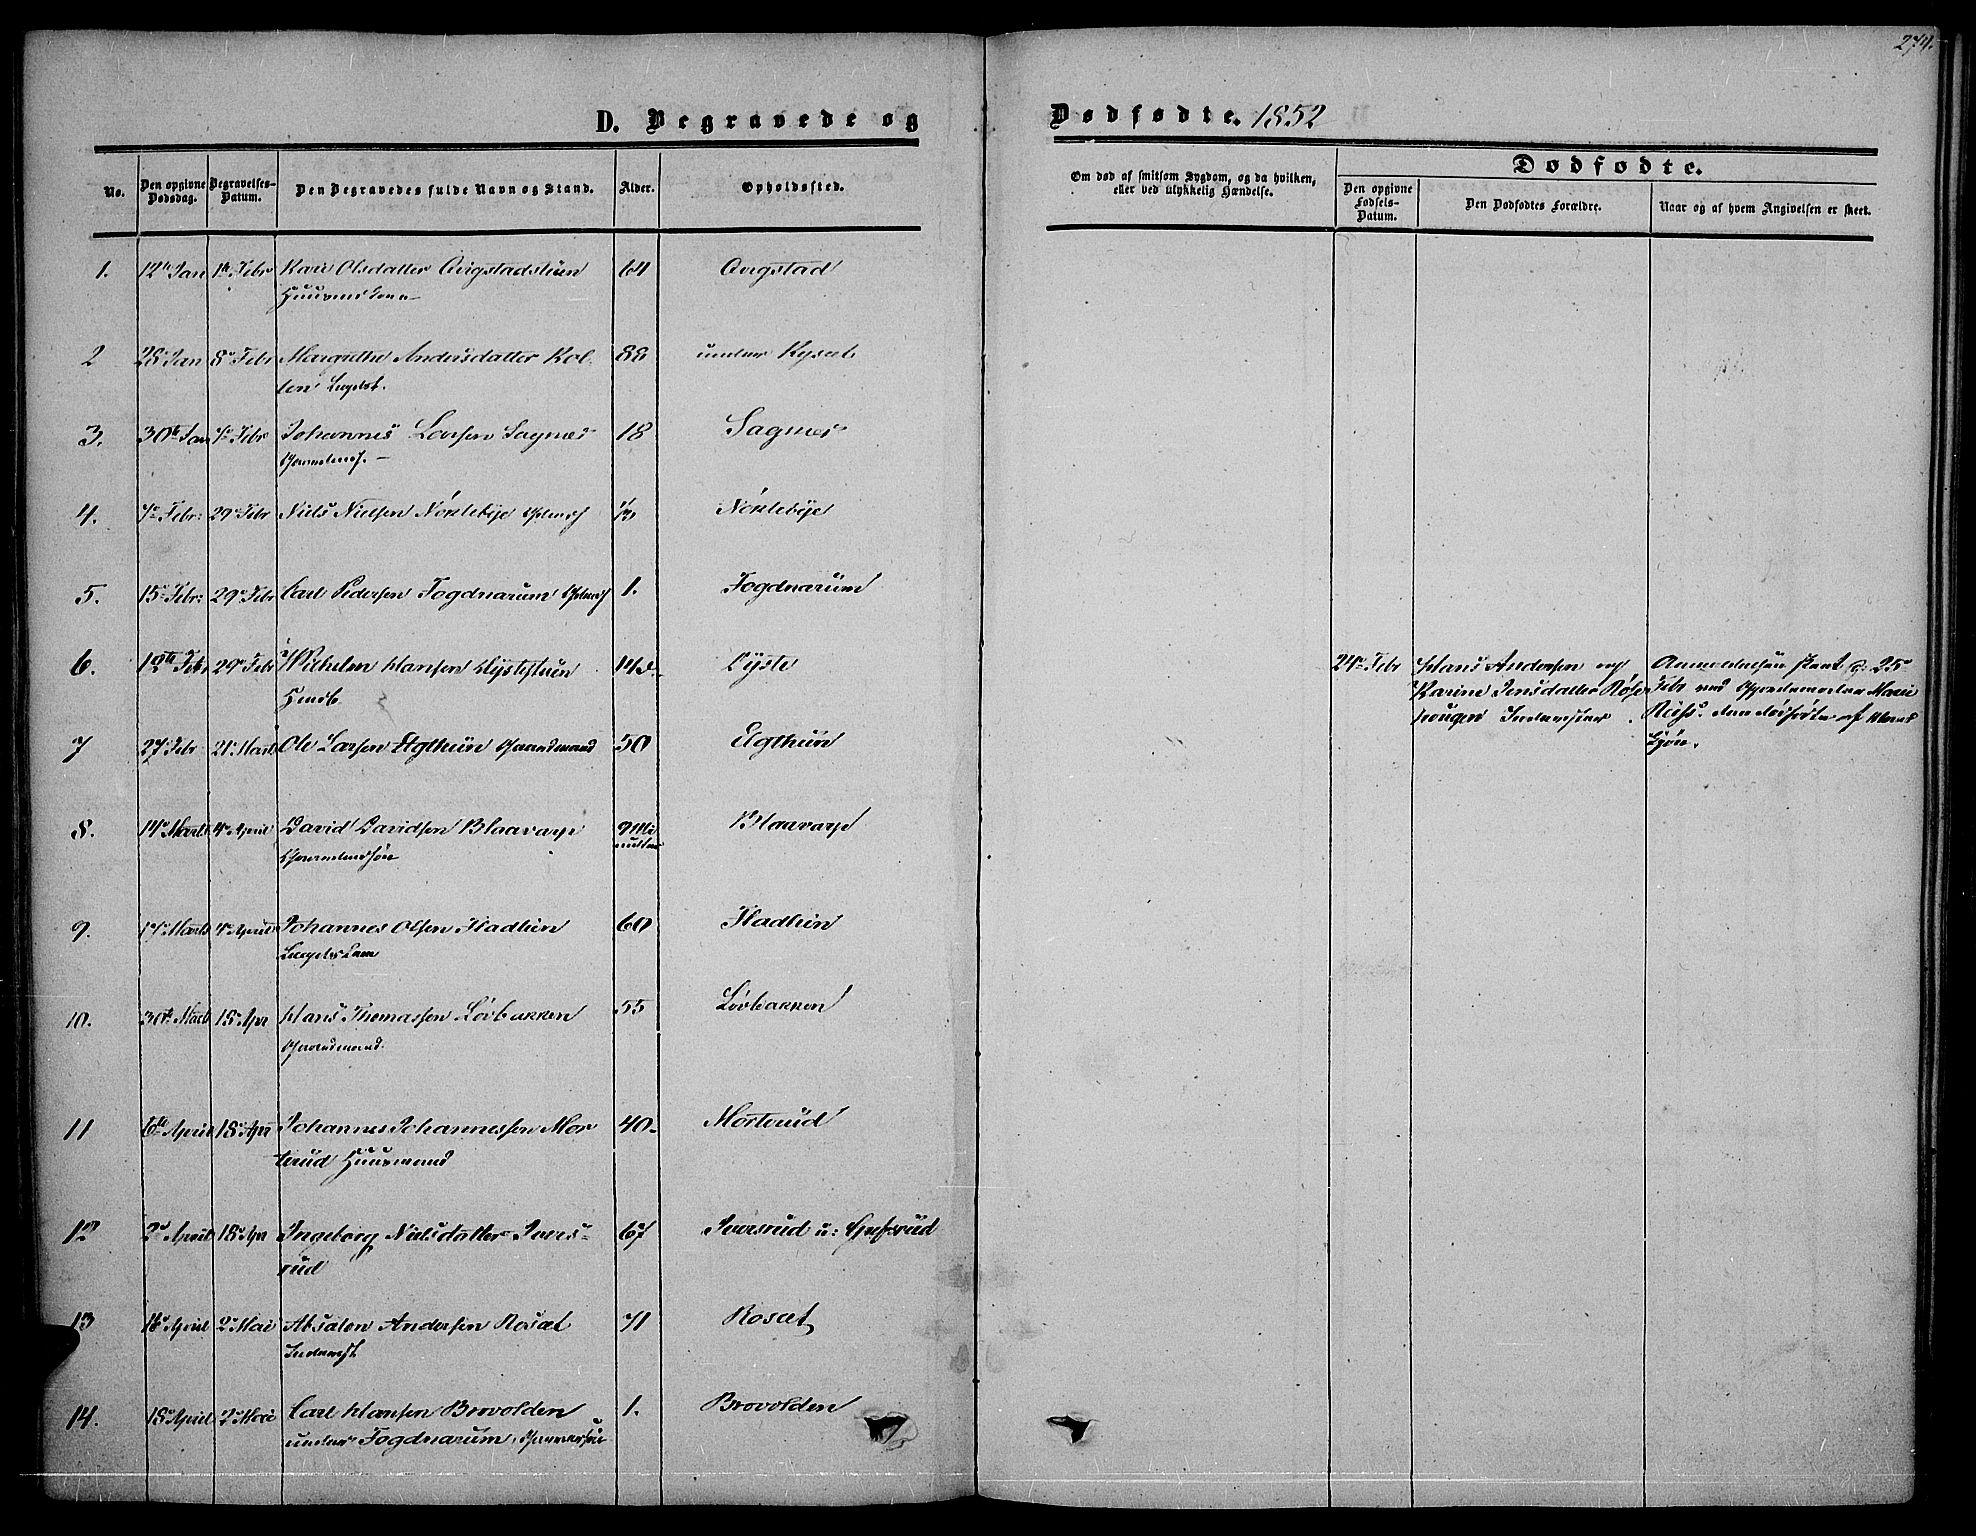 SAH, Vestre Toten prestekontor, Ministerialbok nr. 5, 1850-1855, s. 274